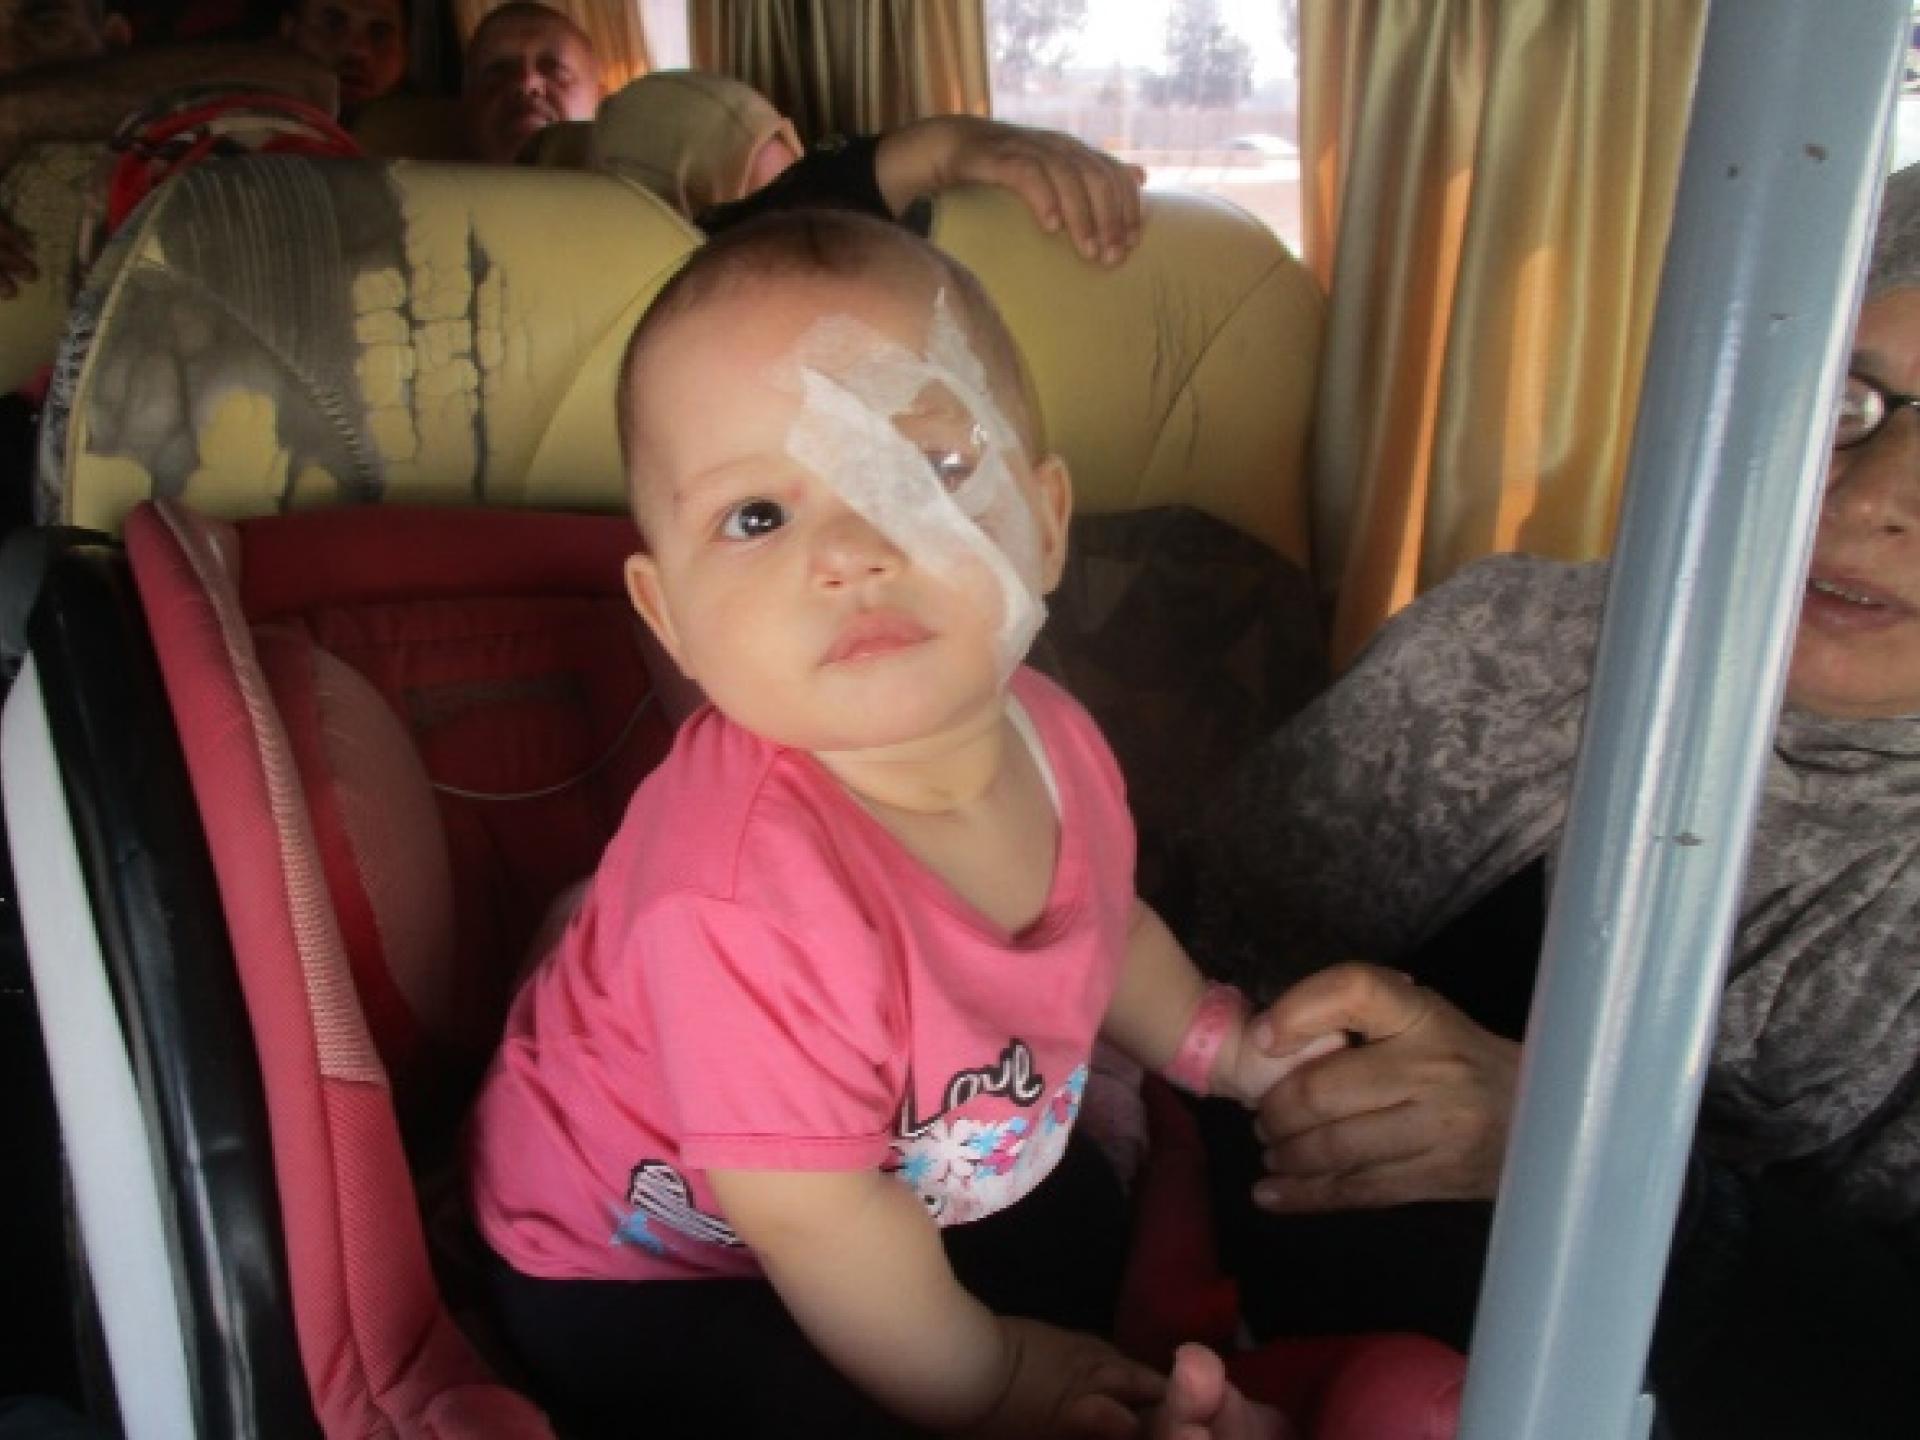 תינוקת בת תשעה חודשים שנותחה בעינה שמוגנת בכוס פלסטיק